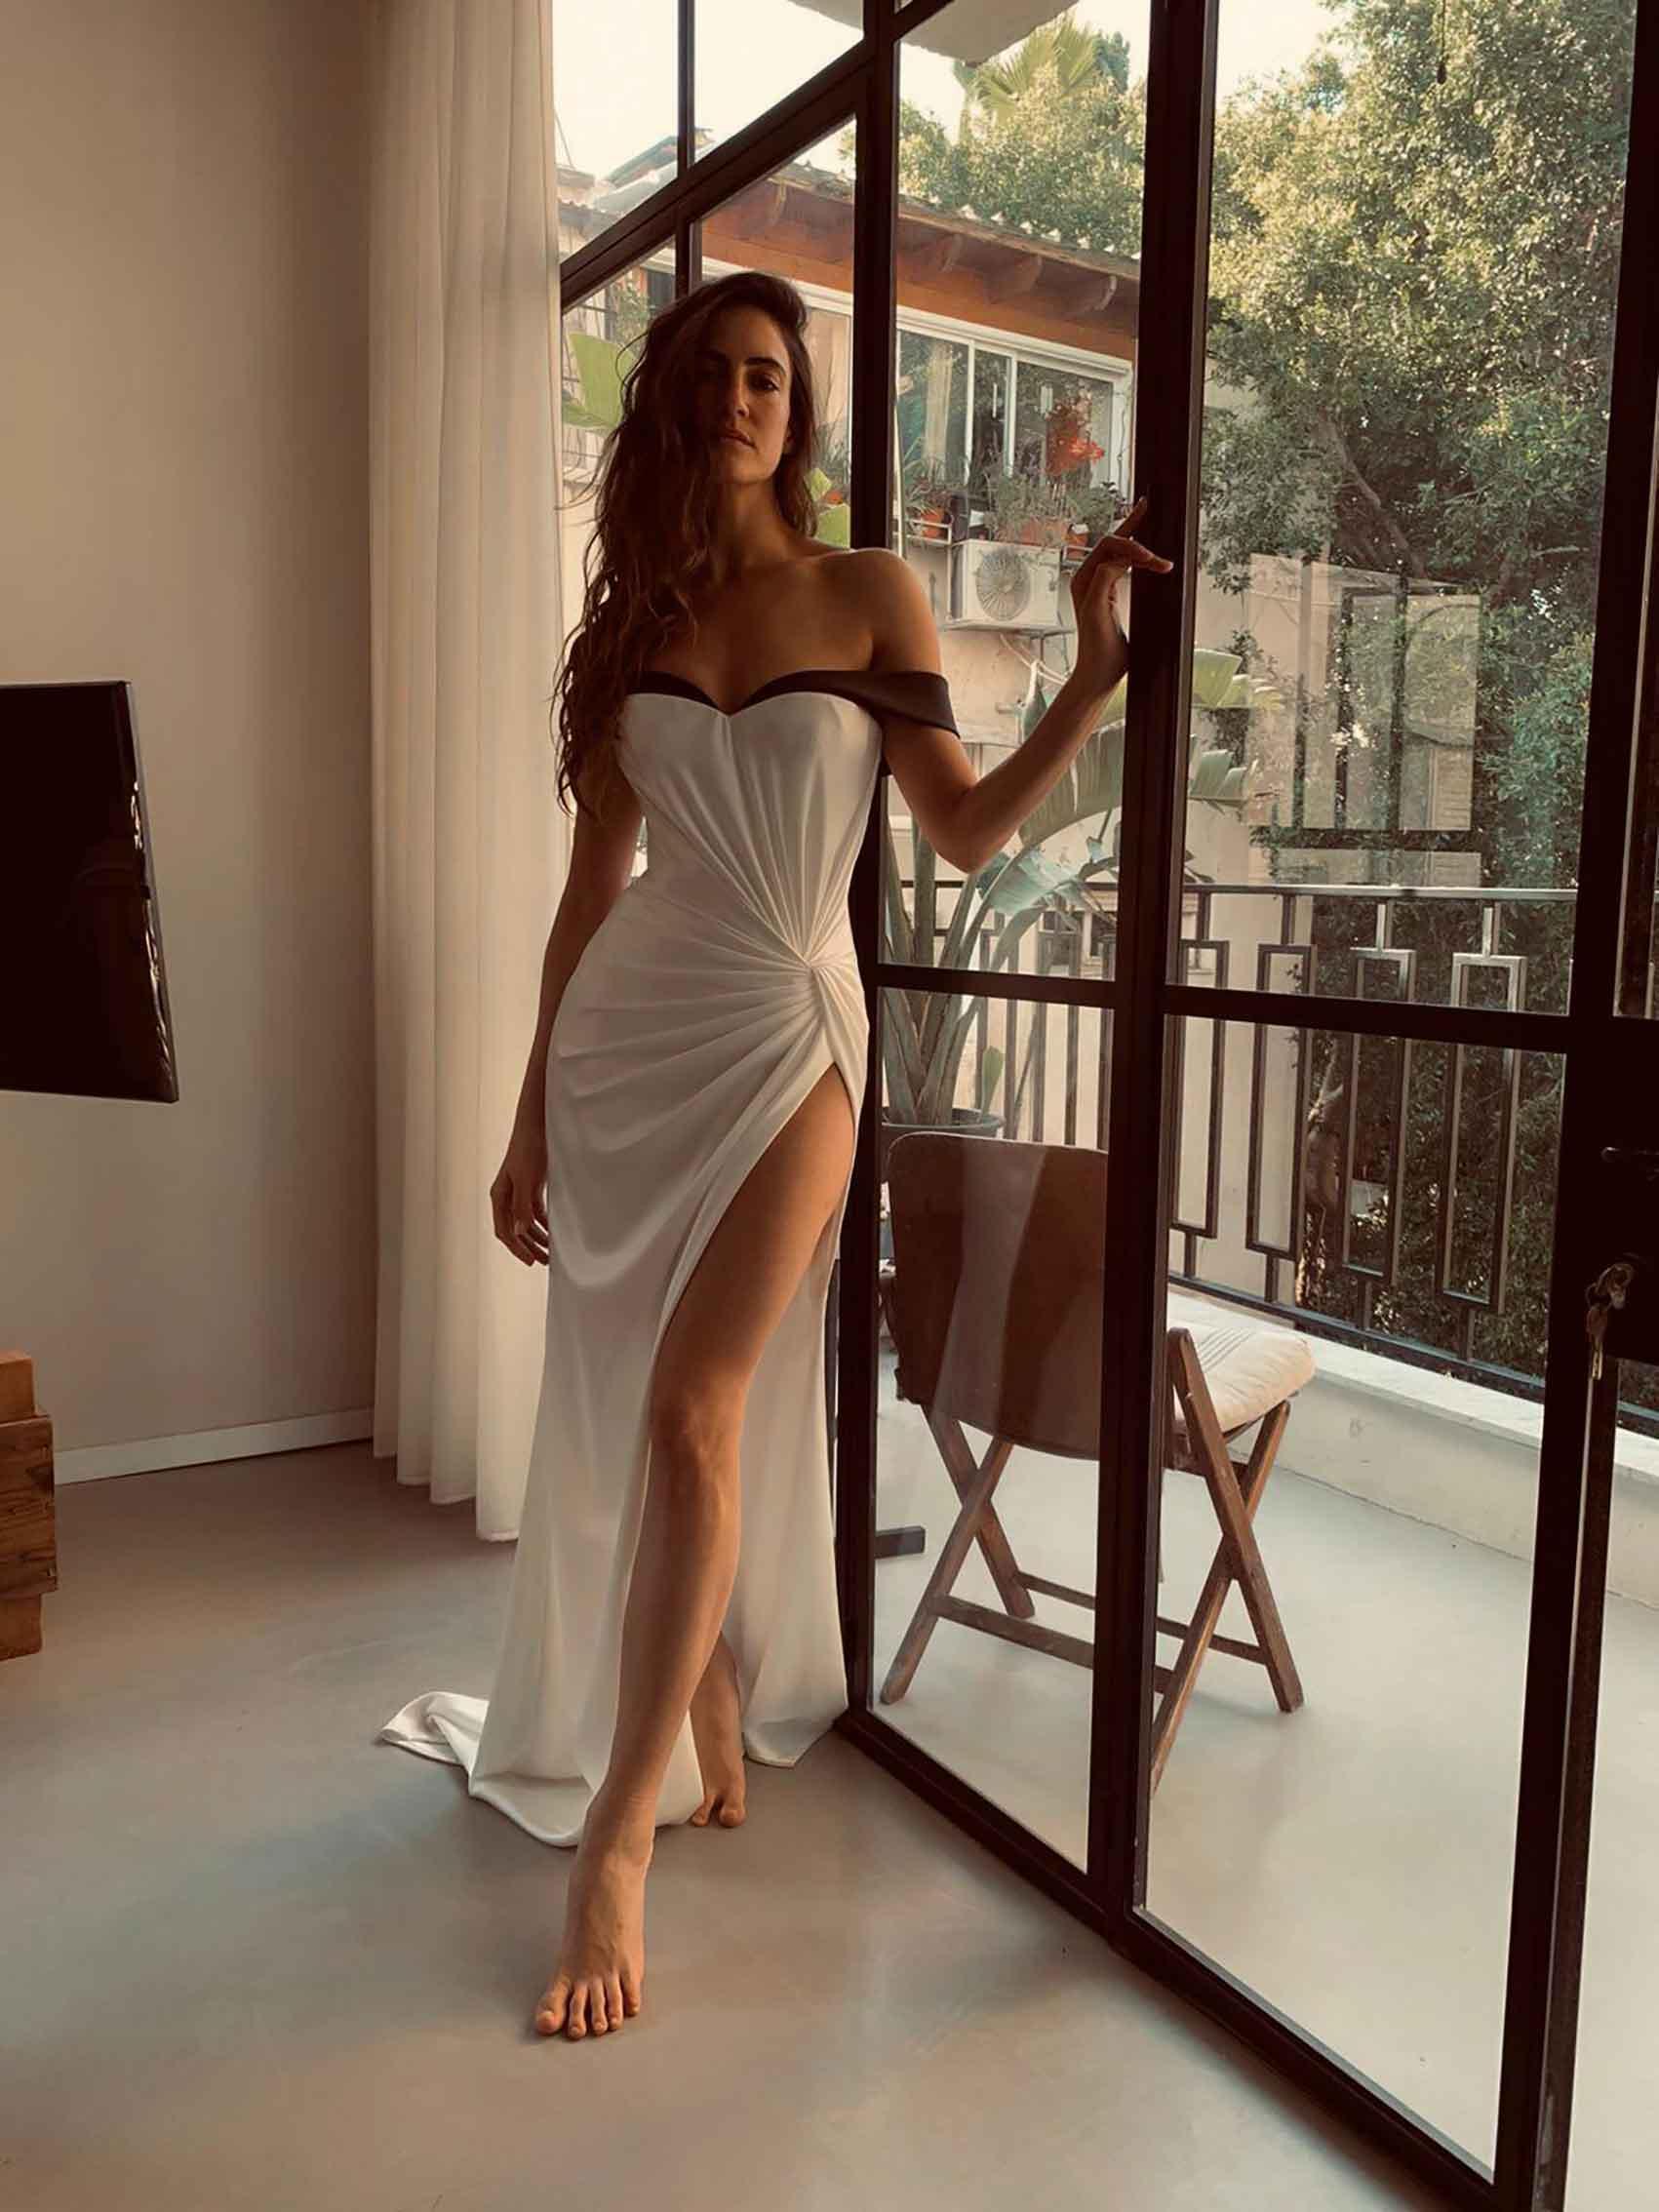 רונה-לי-שמעון-בשמלה-של-גליה-להב-מגזין-אופנה